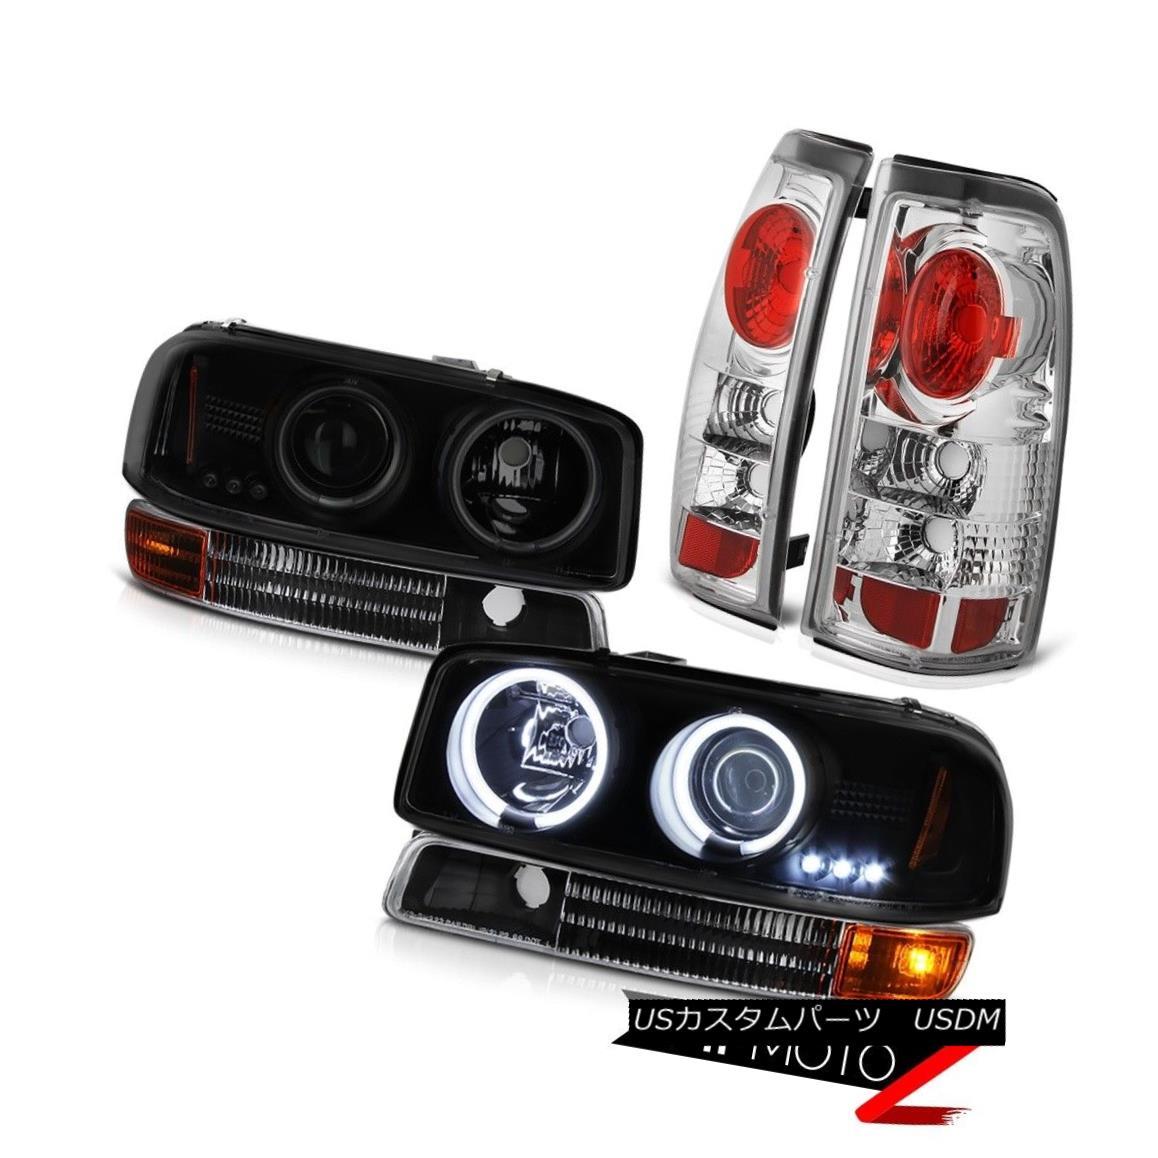 ヘッドライト 1999-2003 Sierra CCFL Smoke Black Angel Eye Headlamps Signal Altezza Tail Lights 1999-2003シエラCCFLスモークブラックエンジェルアイヘッドランプSignal Altezzaテールライト